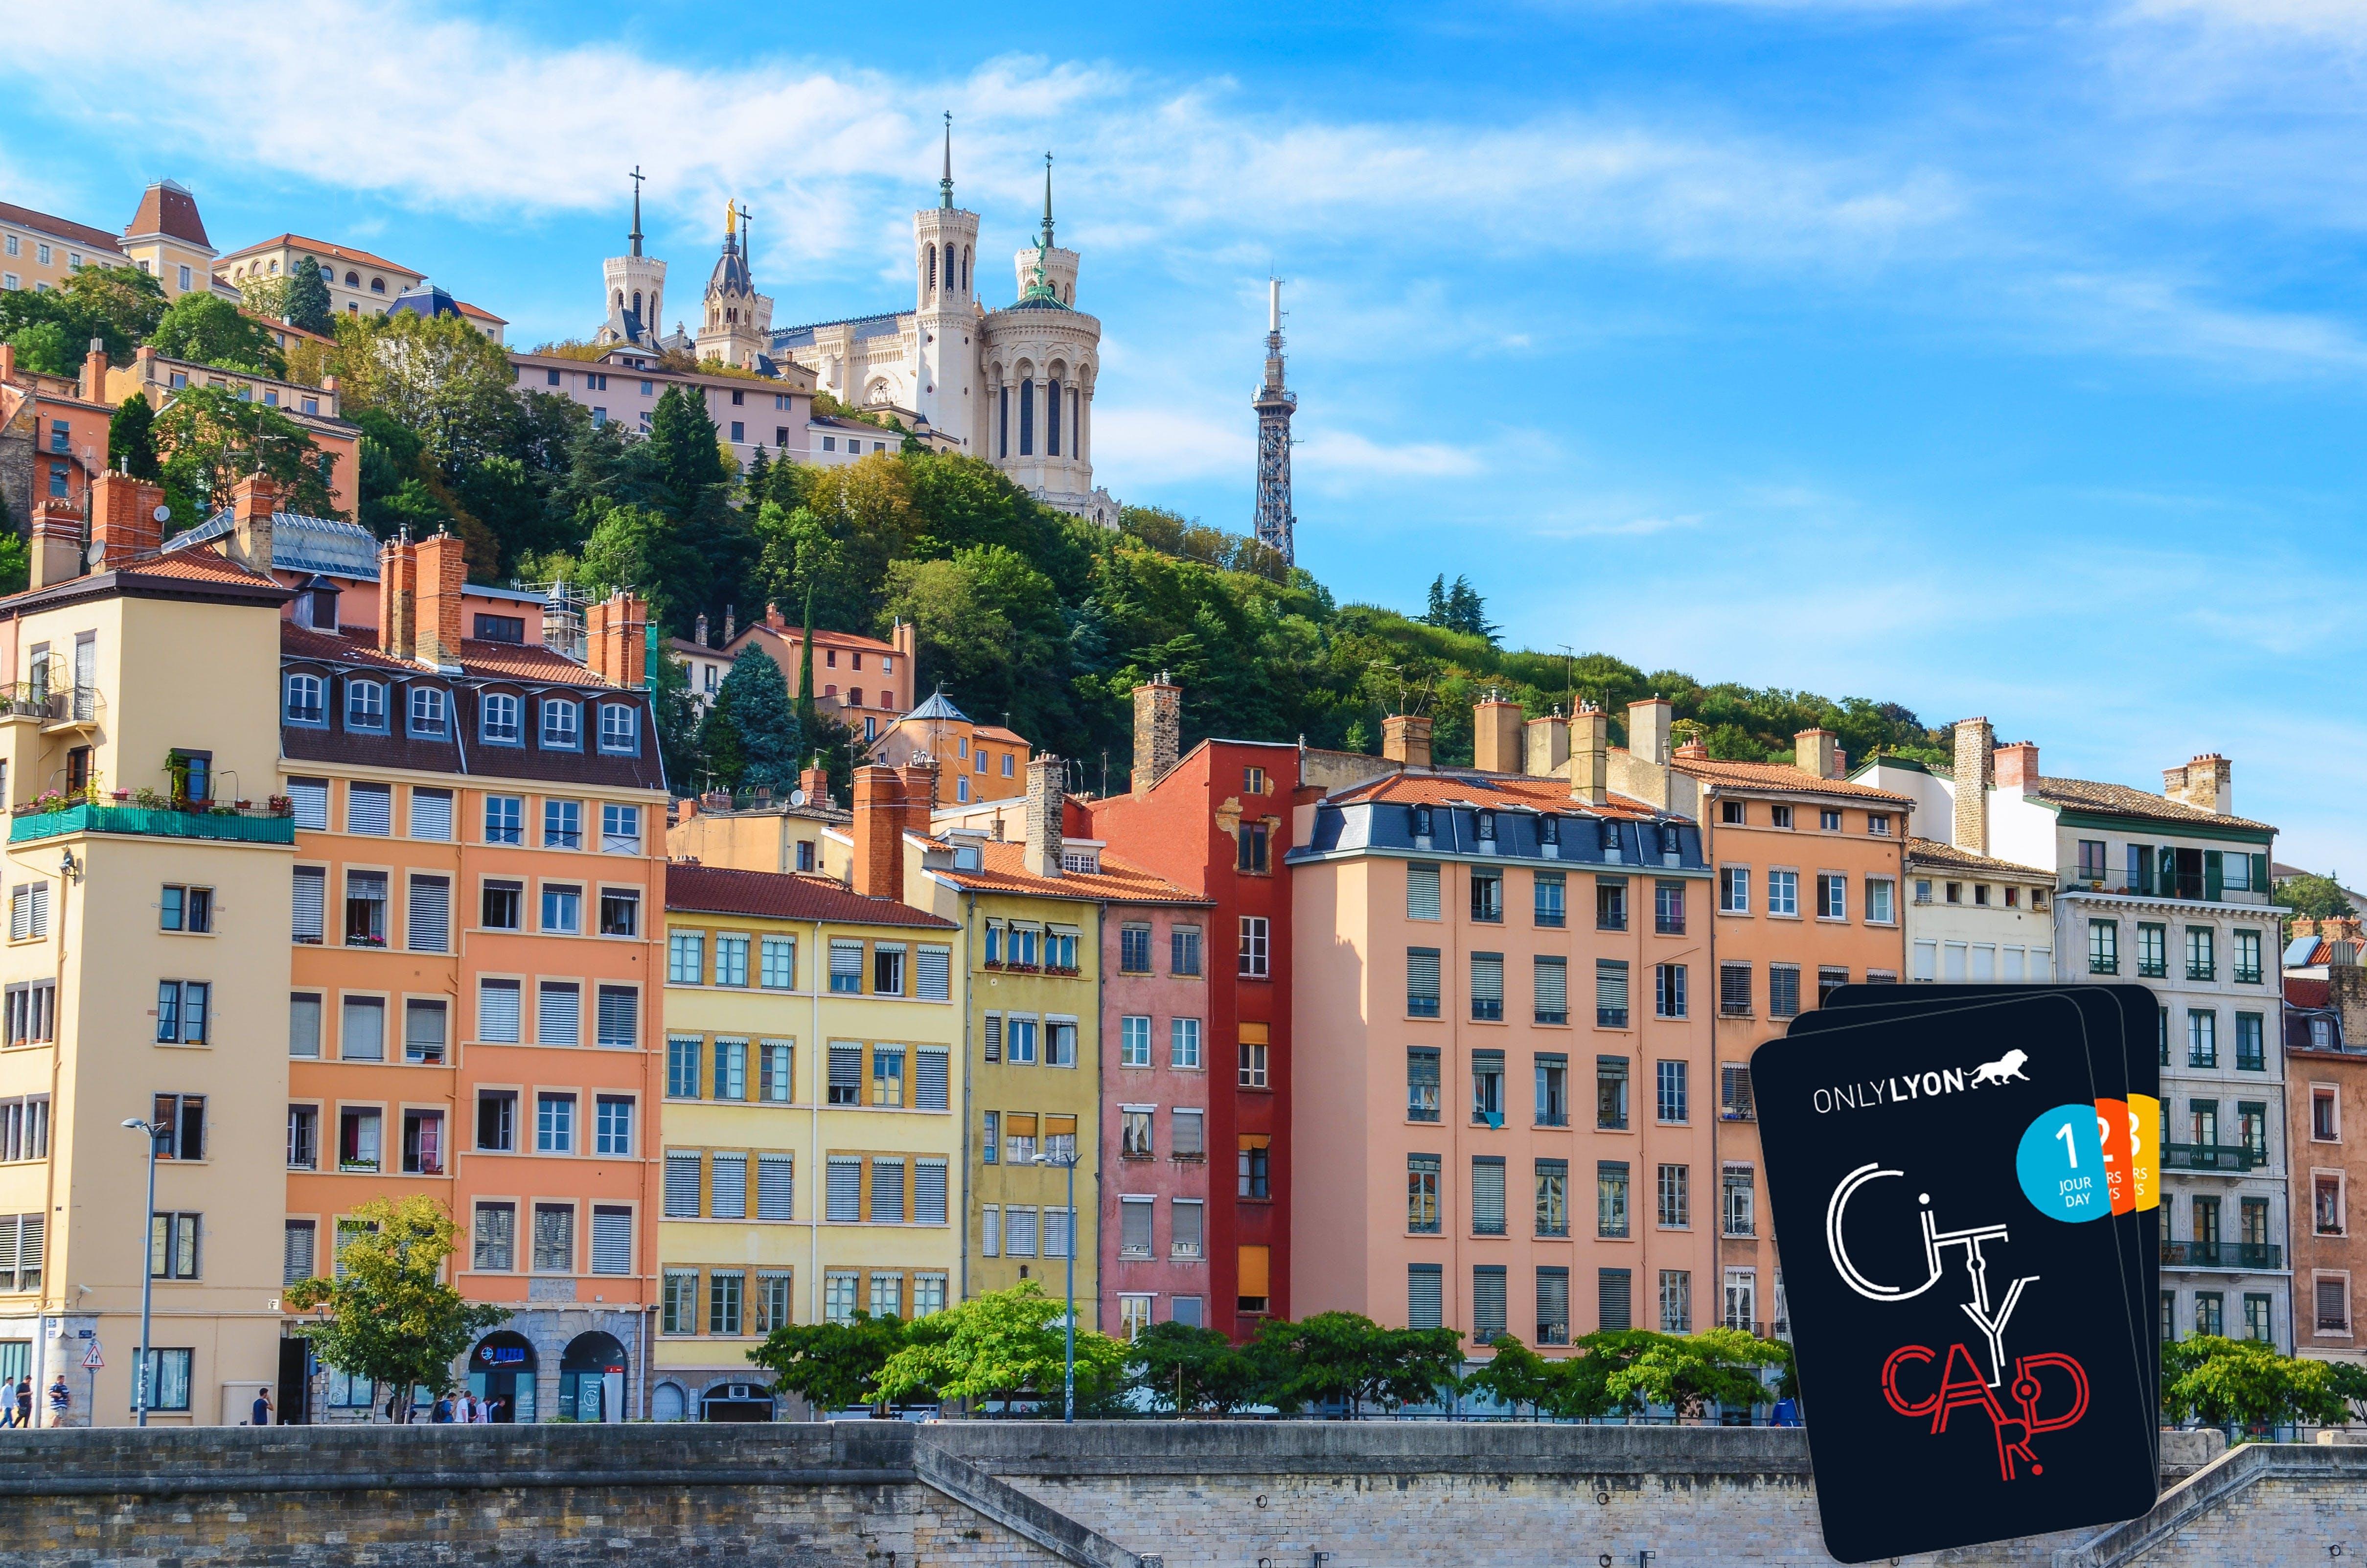 Ver la ciudad,Tickets, museos, atracciones,Pases de ciudad,Entradas a atracciones principales,Lyon City Pass